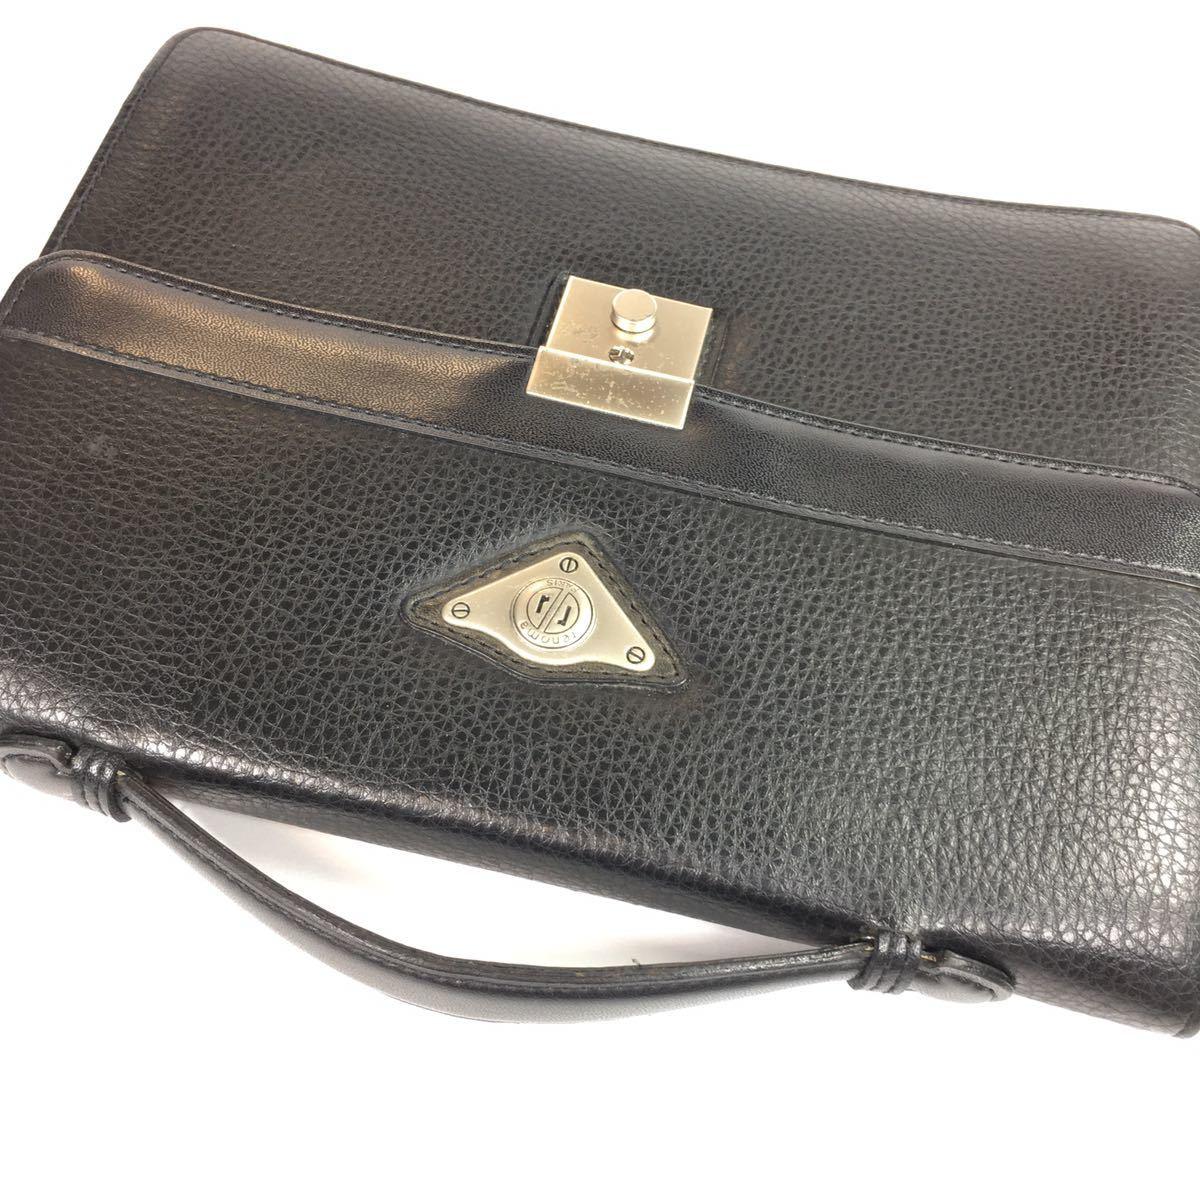 【レノマ】本物 renoma セカンドバッグ 黒 ミニビジネスバッグ 持ち手有り 男性用 メンズ_画像4